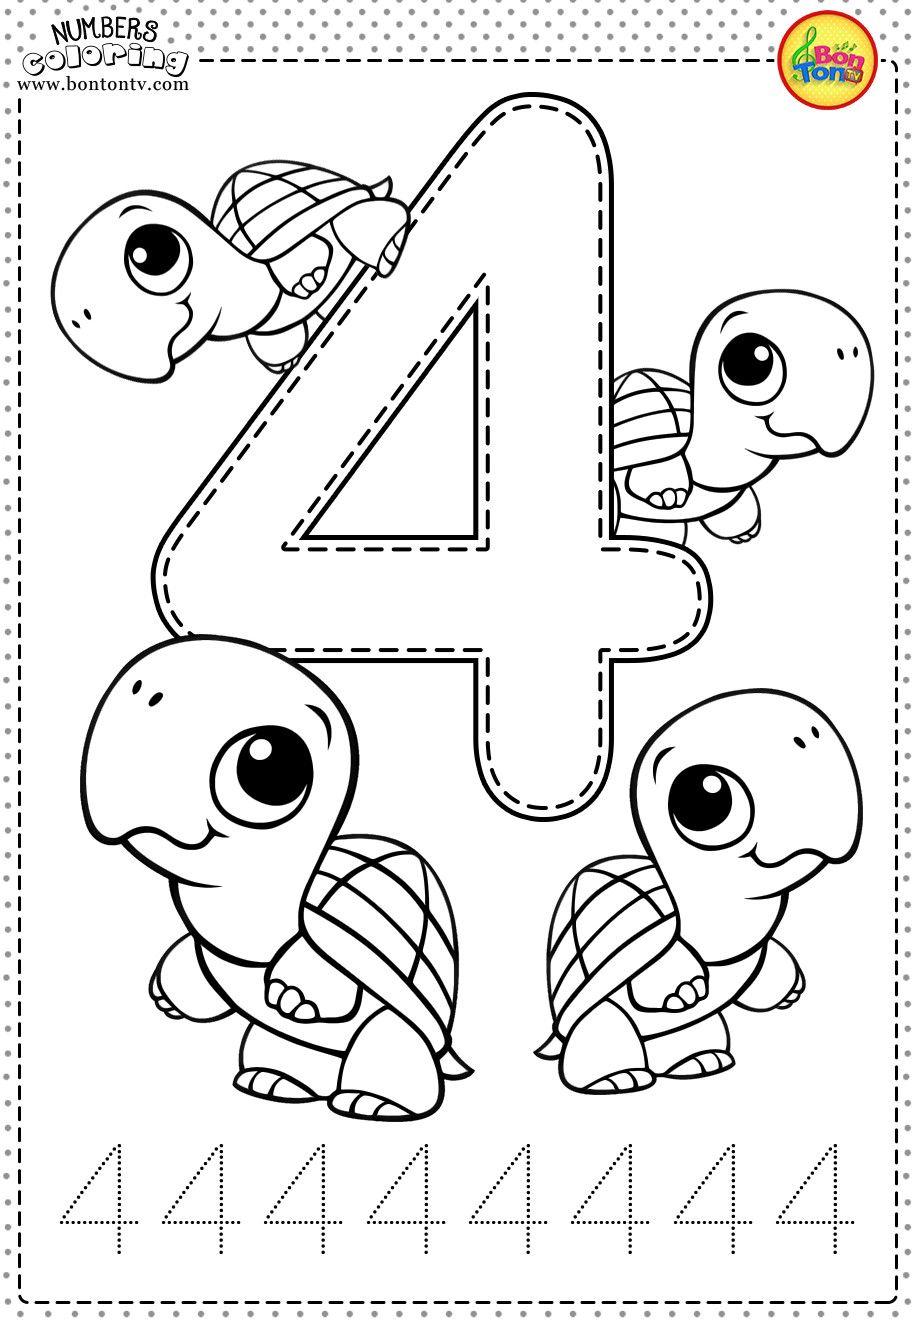 4 Number 9 Worksheet Preschool In 2020 Free Preschool Printables Preschool Worksheets Free Printables Kids Learning Numbers